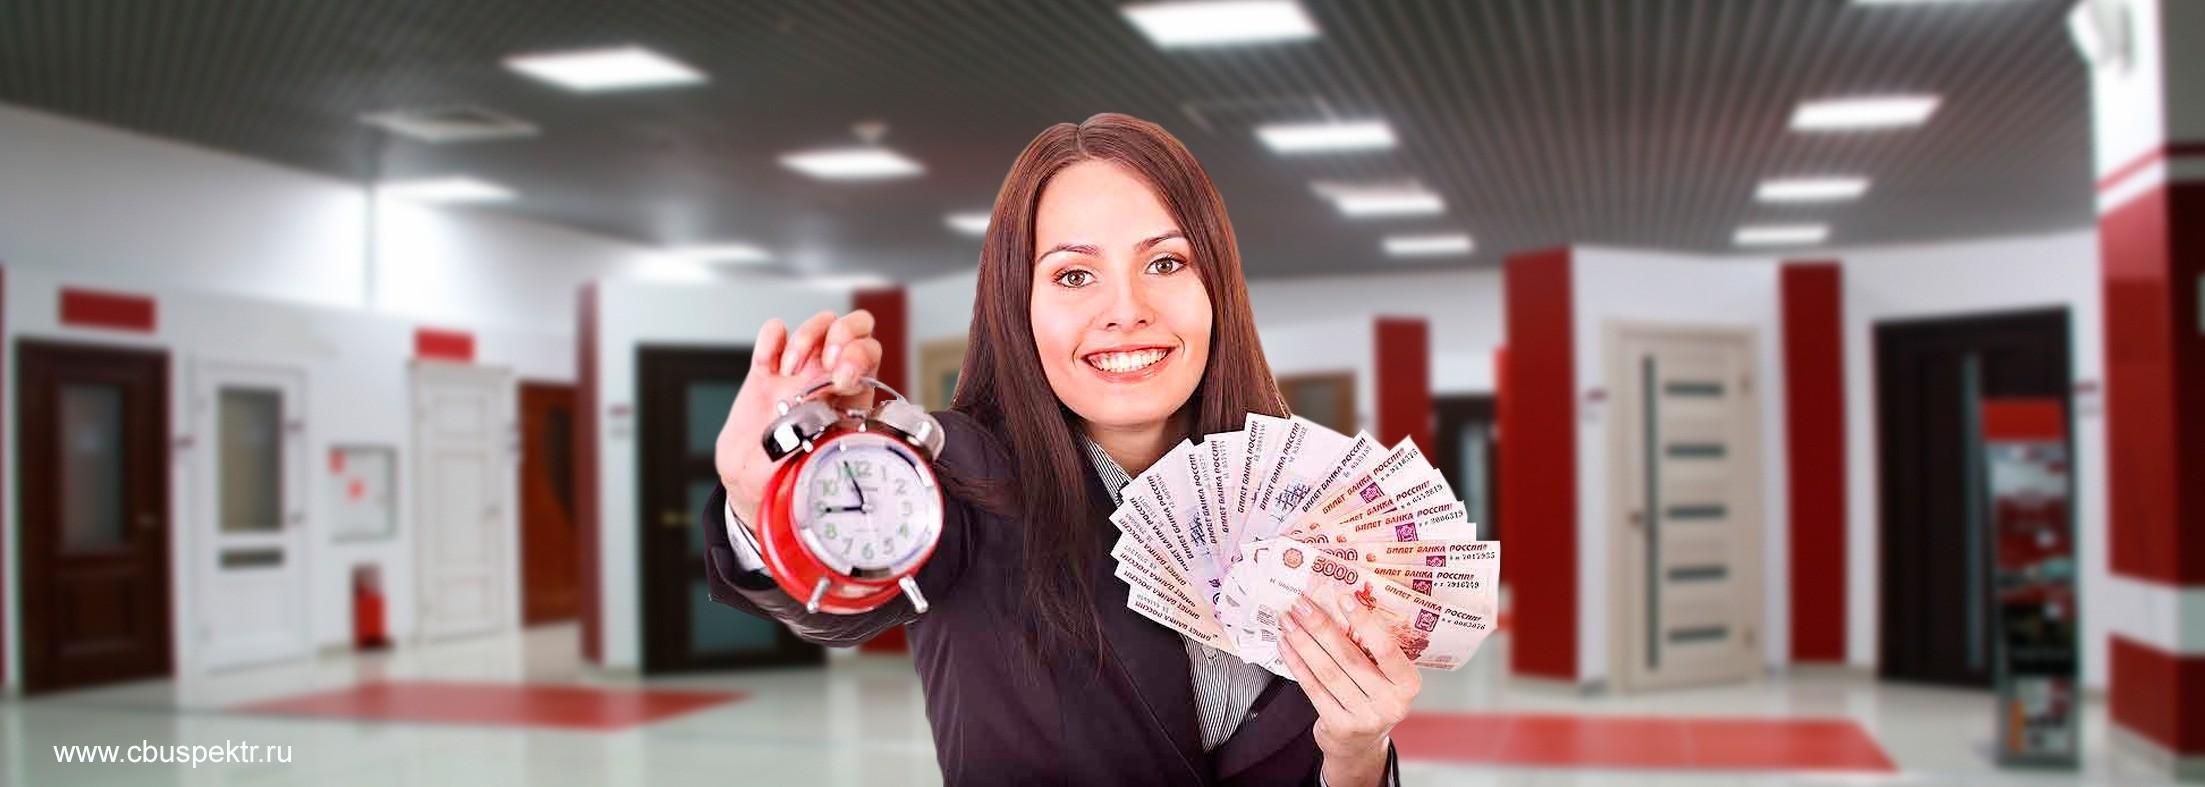 Девушка держит в руках деньги и часы